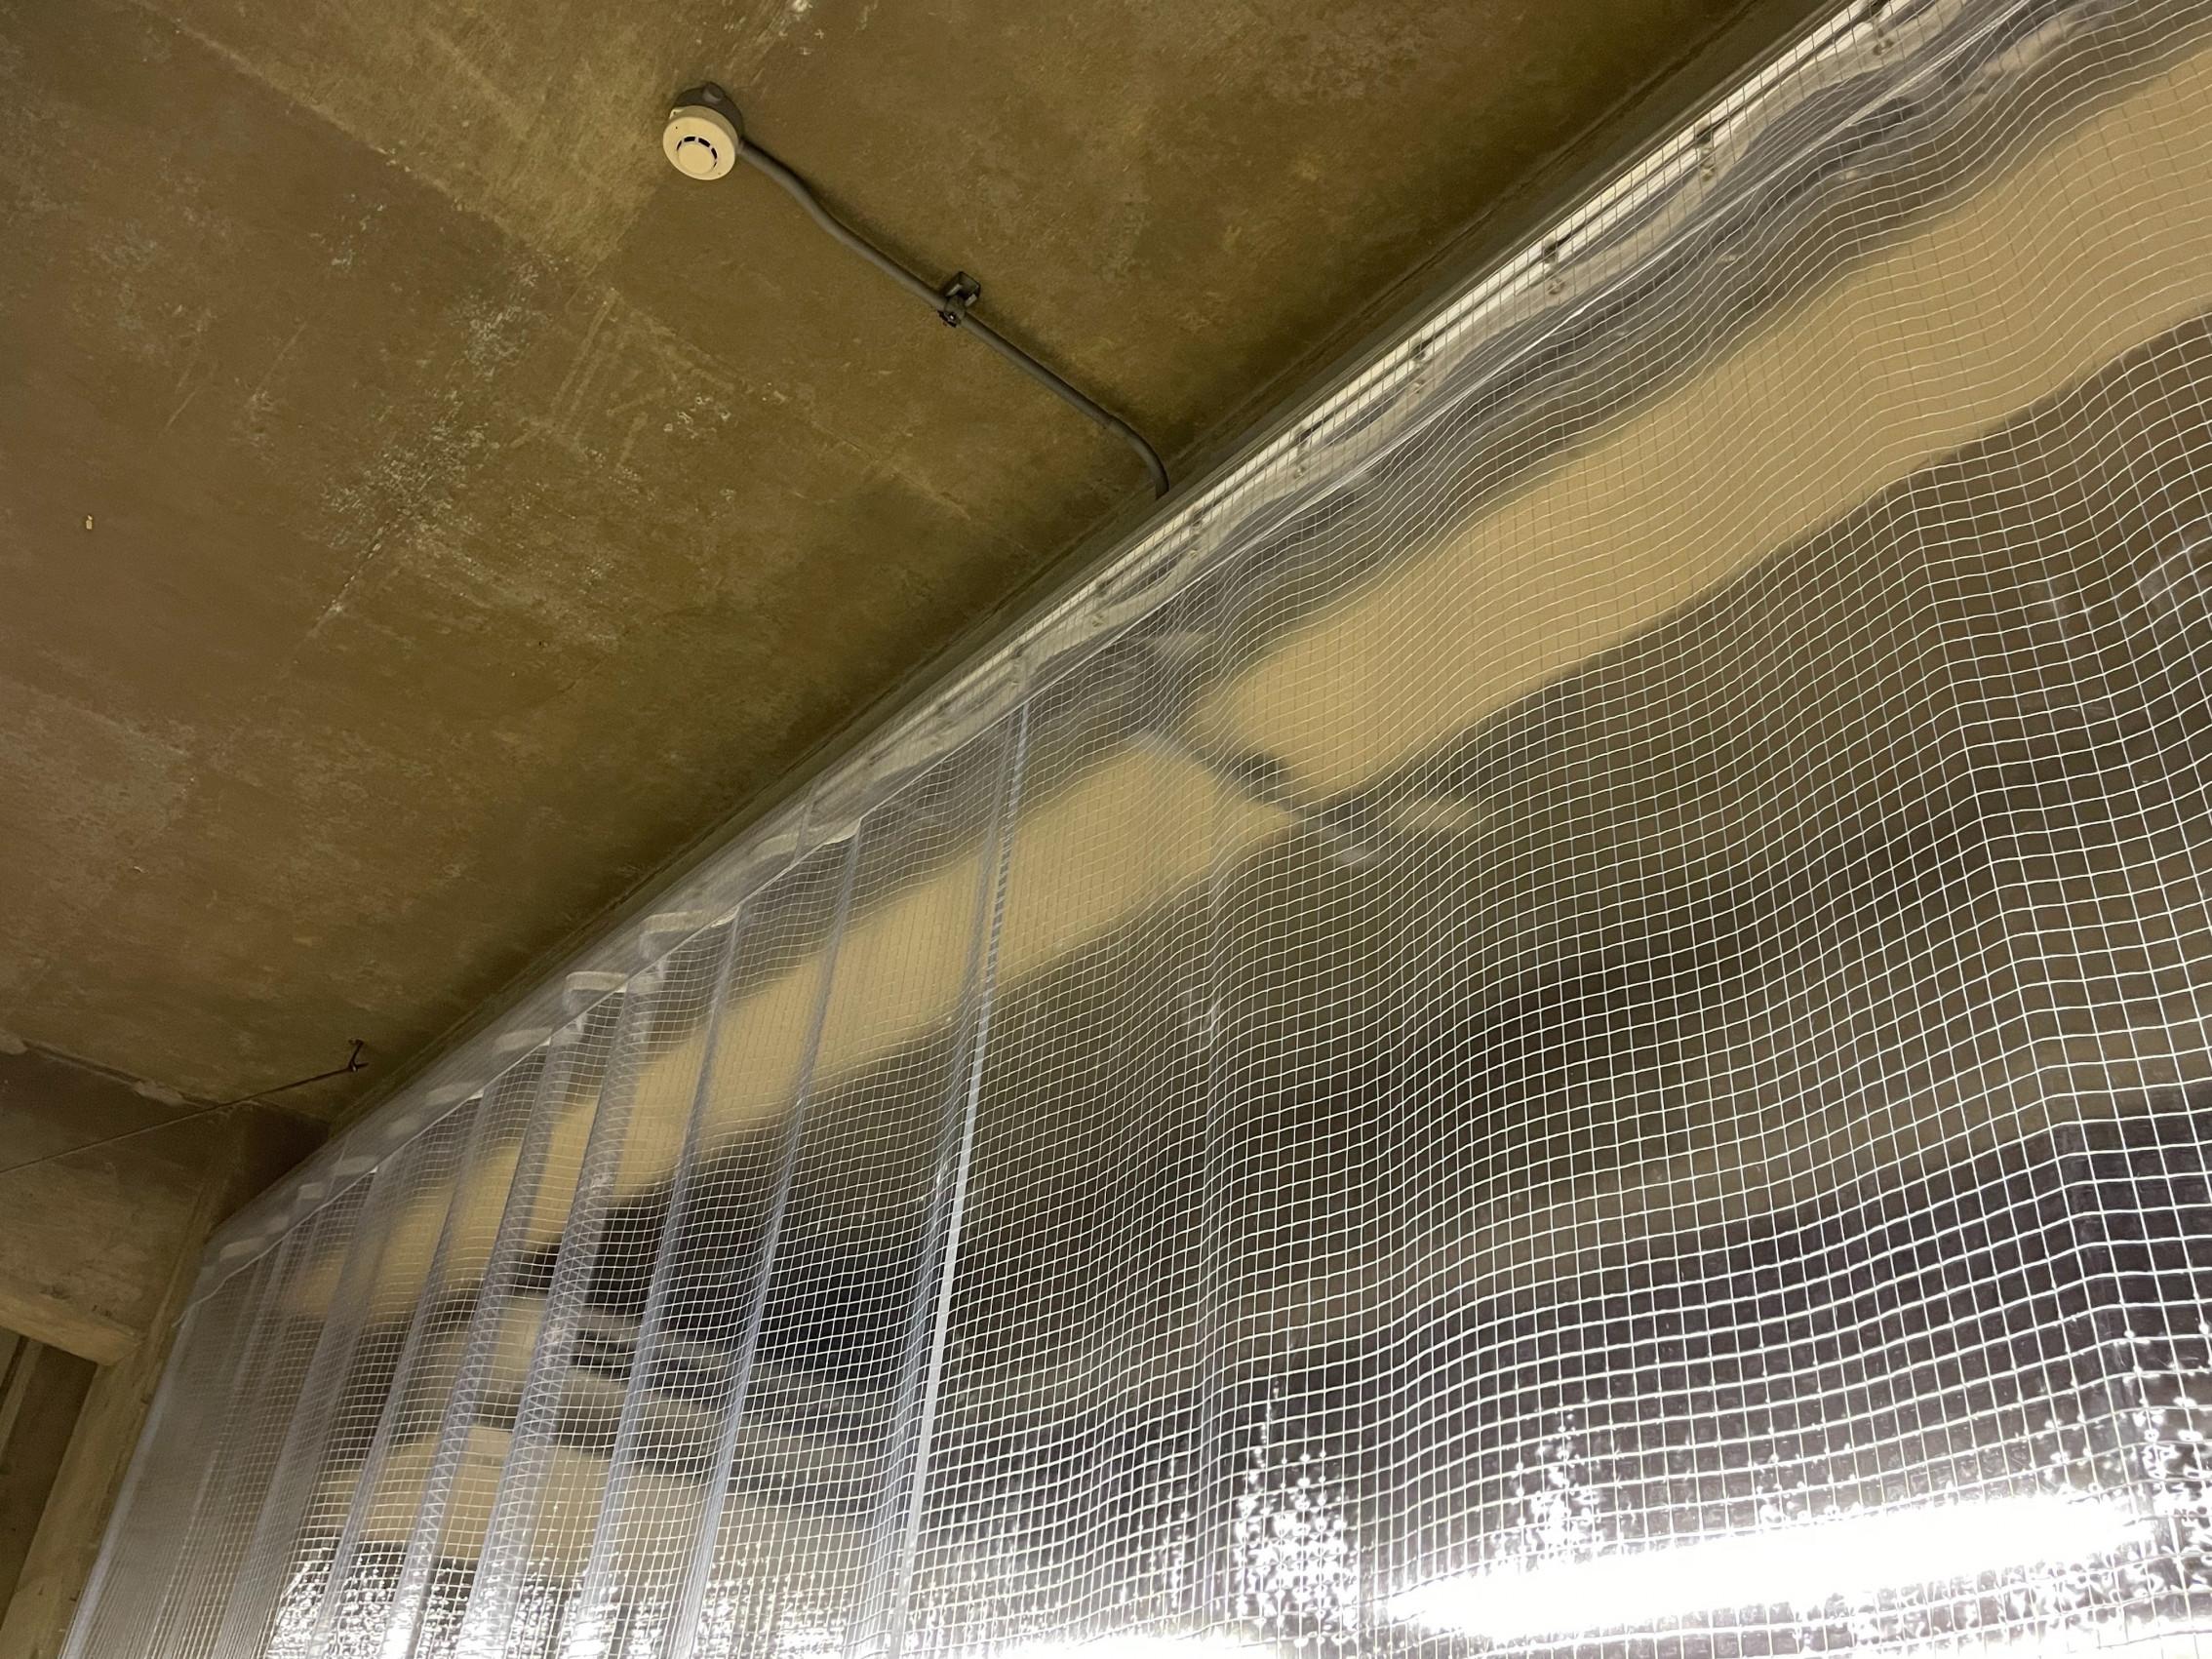 福岡県 北九州市 にて 間仕切りカーテン 施工させて頂きました